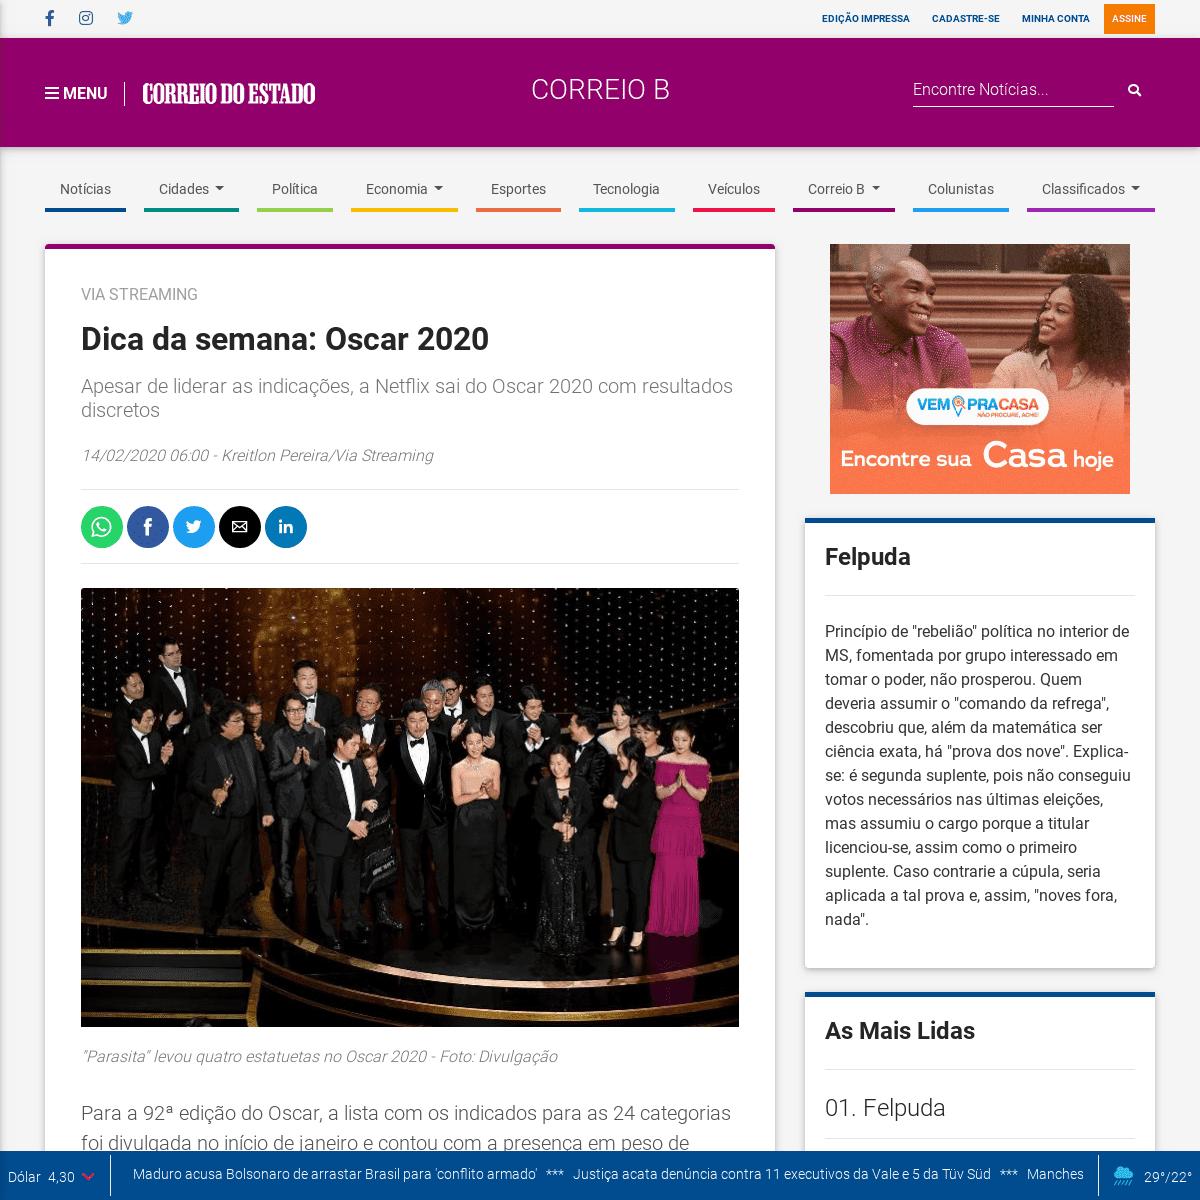 ArchiveBay.com - www.correiodoestado.com.br/correio-b/dica-da-semana:-oscar-2020/367592 - Dica da semana- Oscar 2020